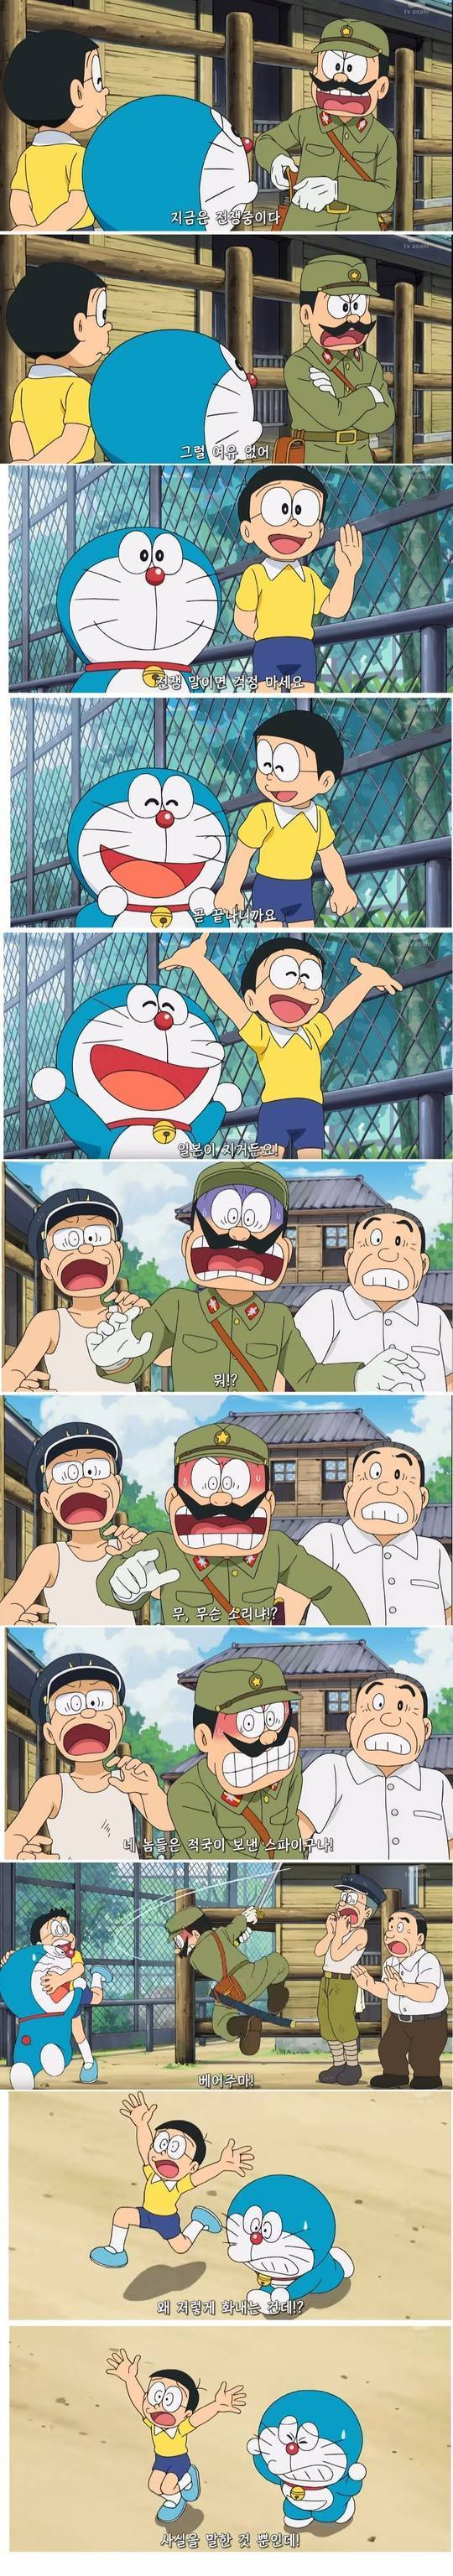 일본에서 엄청 논란됐었던 도라에몽 에피소드.jpg | 인스티즈